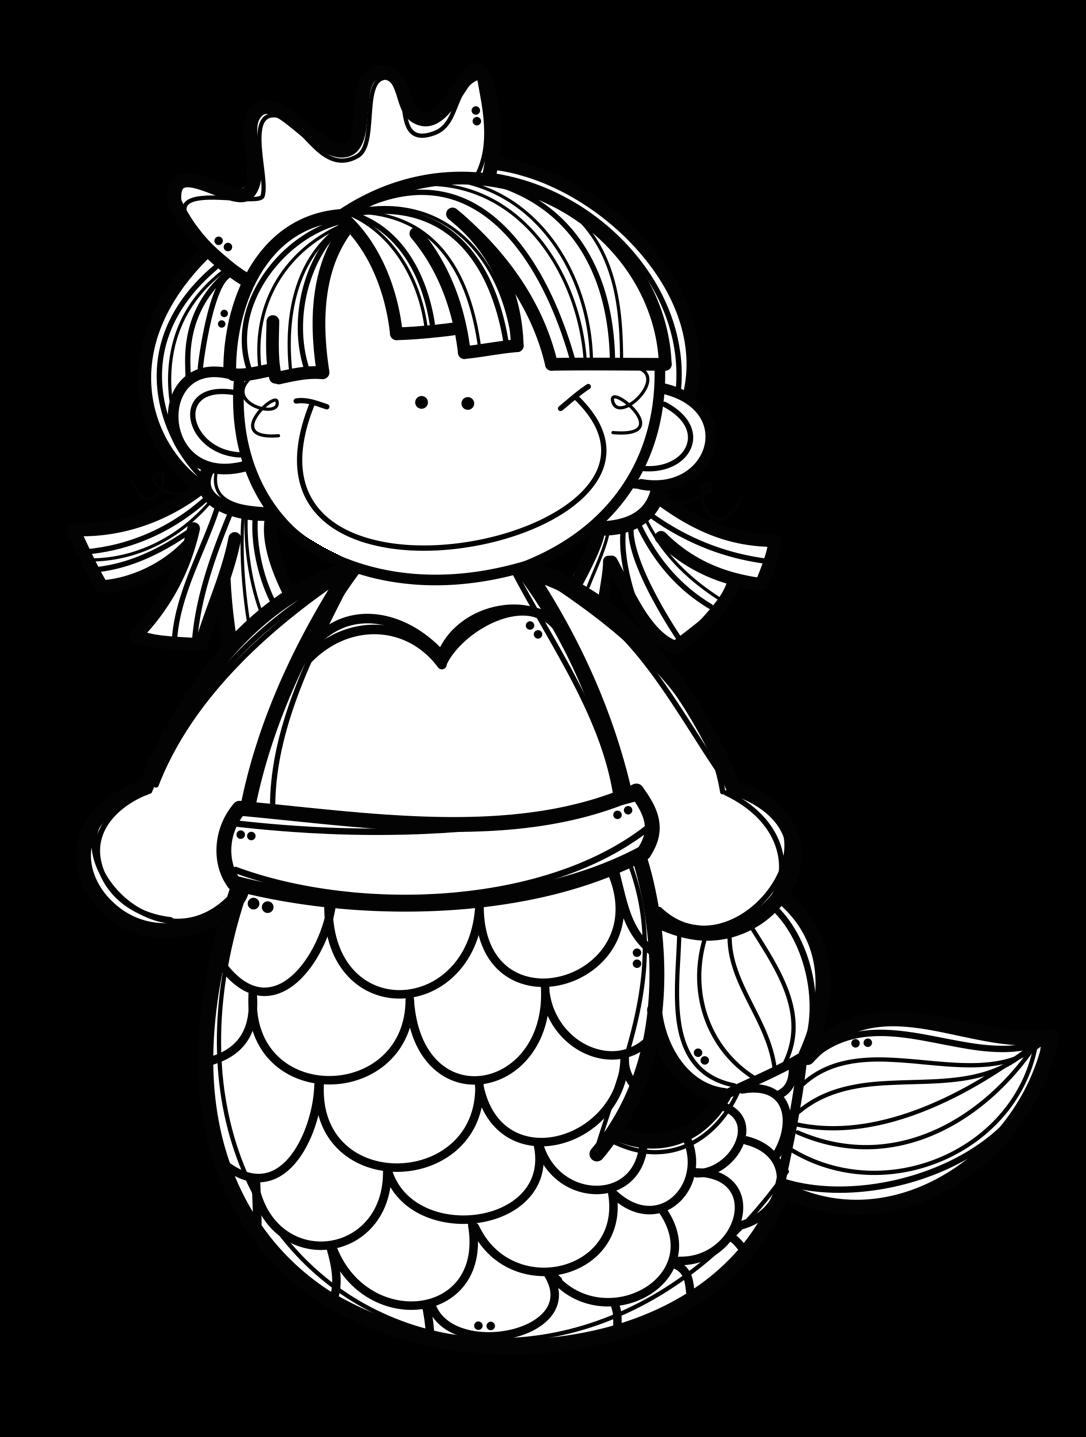 Carson dellosa halloween clipart jpg black and white download ✿**✿*CREALO TU*✿**✿* | free downloads | Pinterest | Clip art ... jpg black and white download